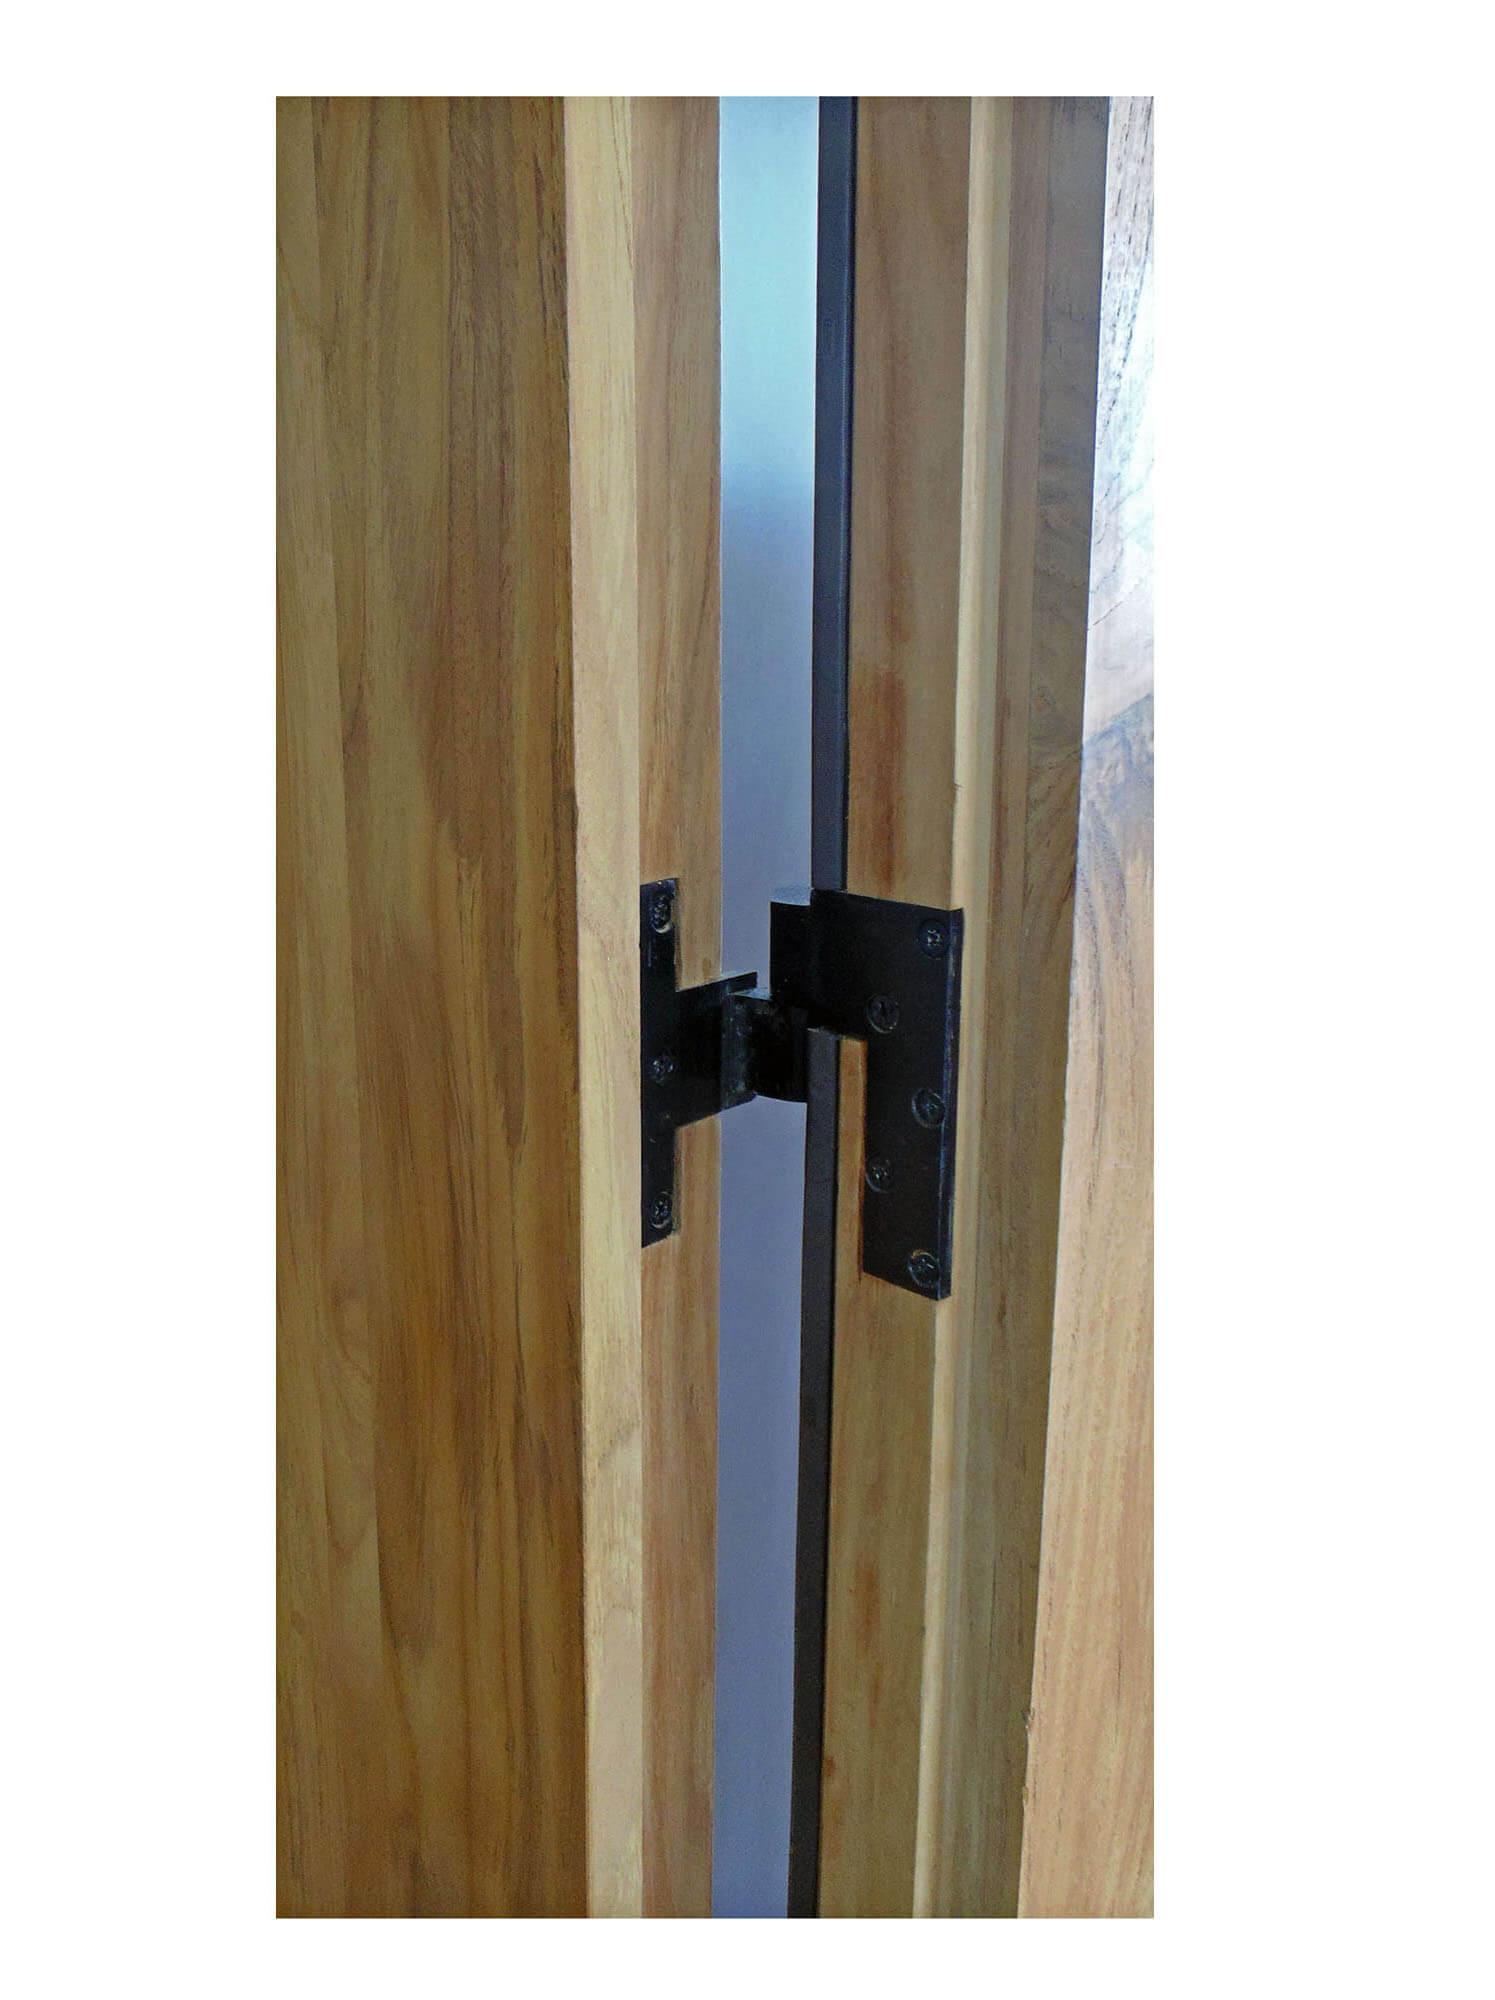 TEAK DOOR DETAIL OF HINGE.